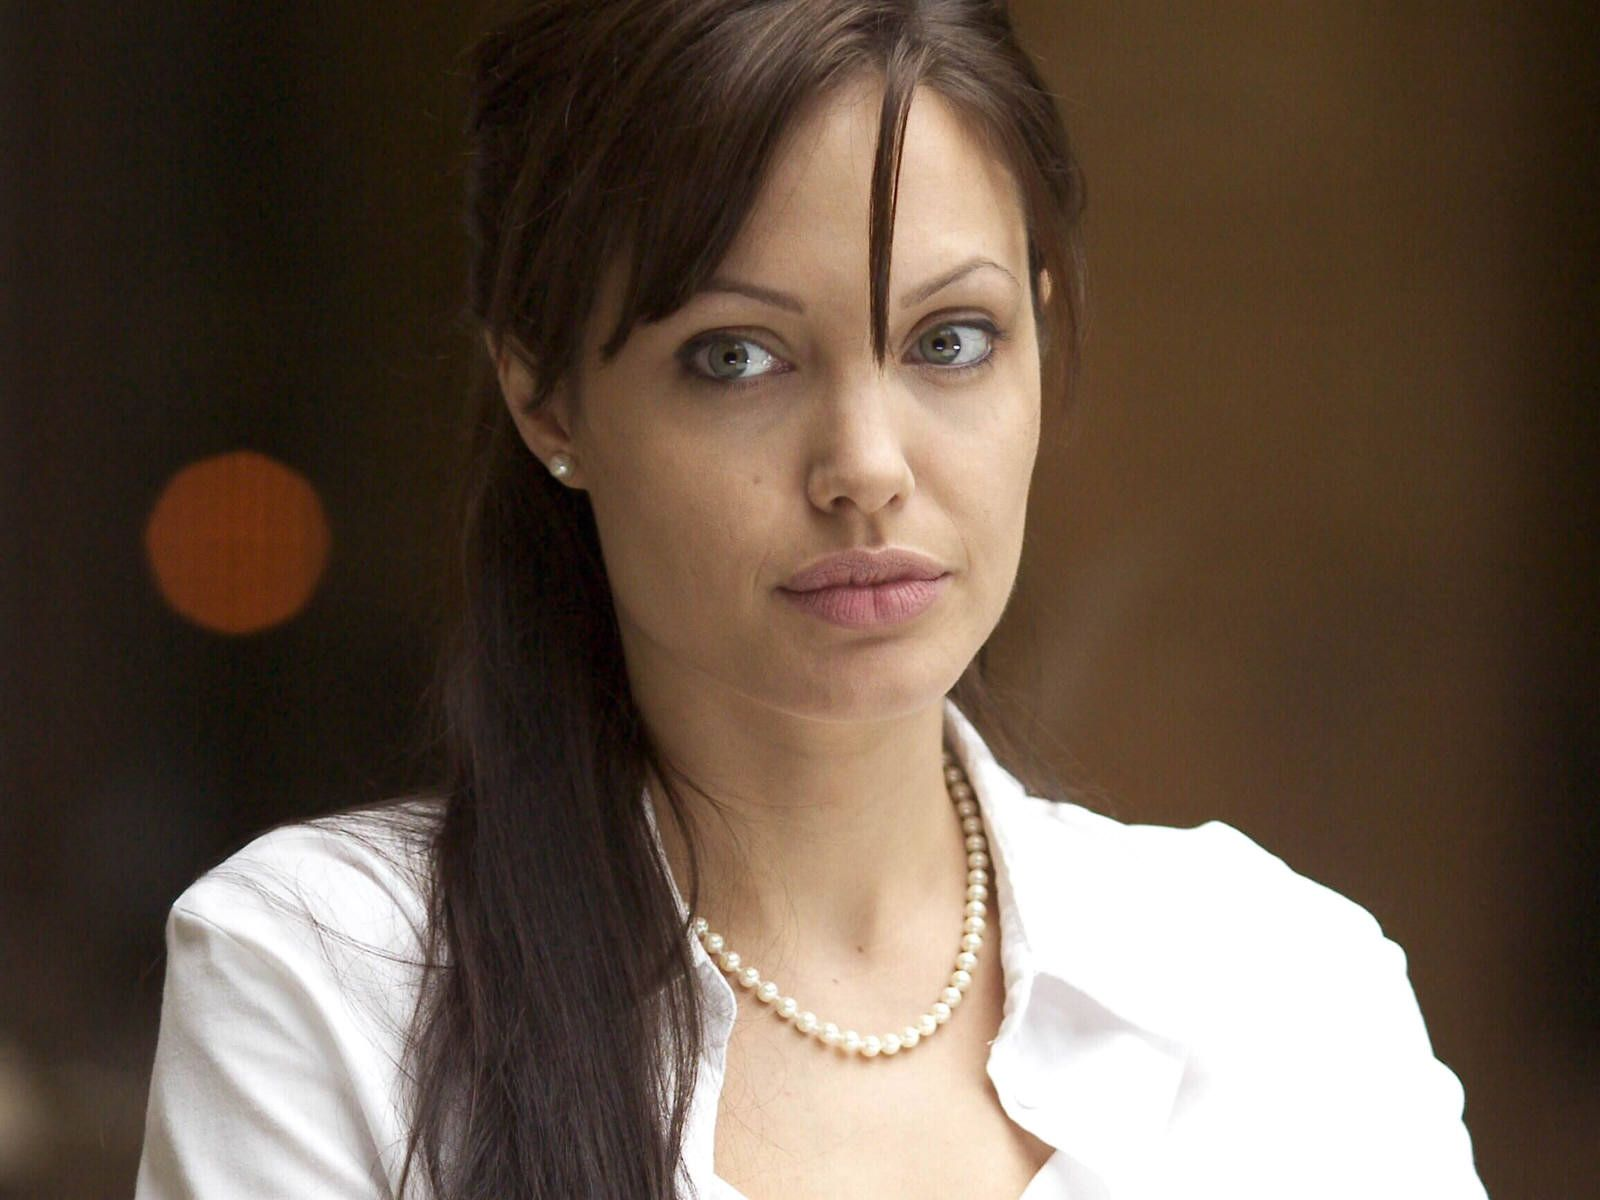 http://4.bp.blogspot.com/-EoCU4djqFAM/UJ_UrQHYtxI/AAAAAAAABe0/4FpOAPDkluM/s1600/Angelina_Jolie_2.jpg